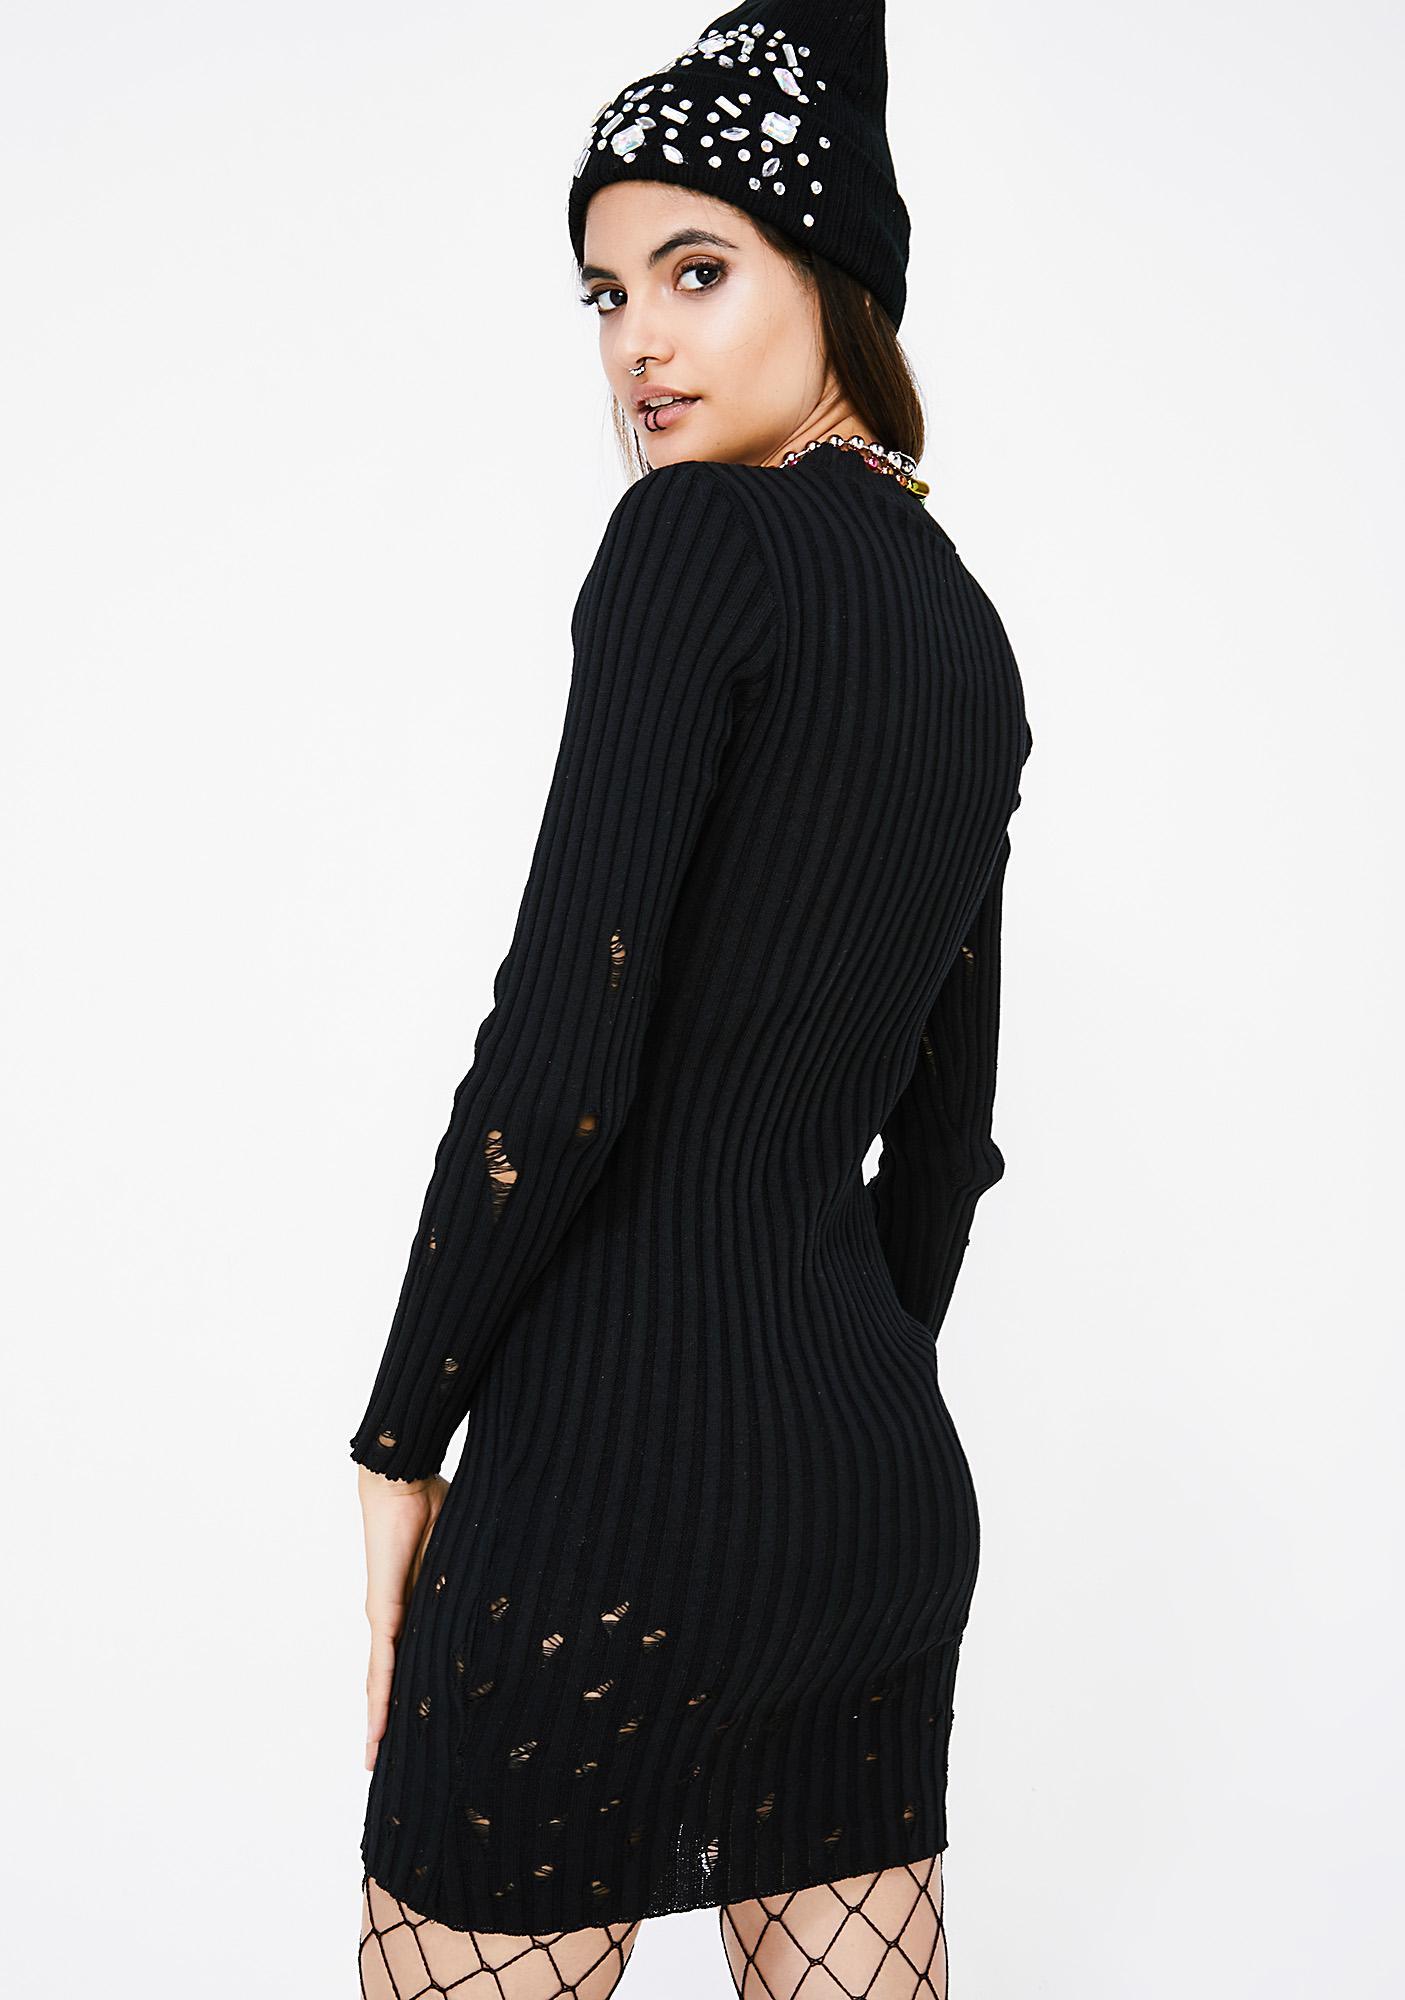 Rough Edges Knit Dress